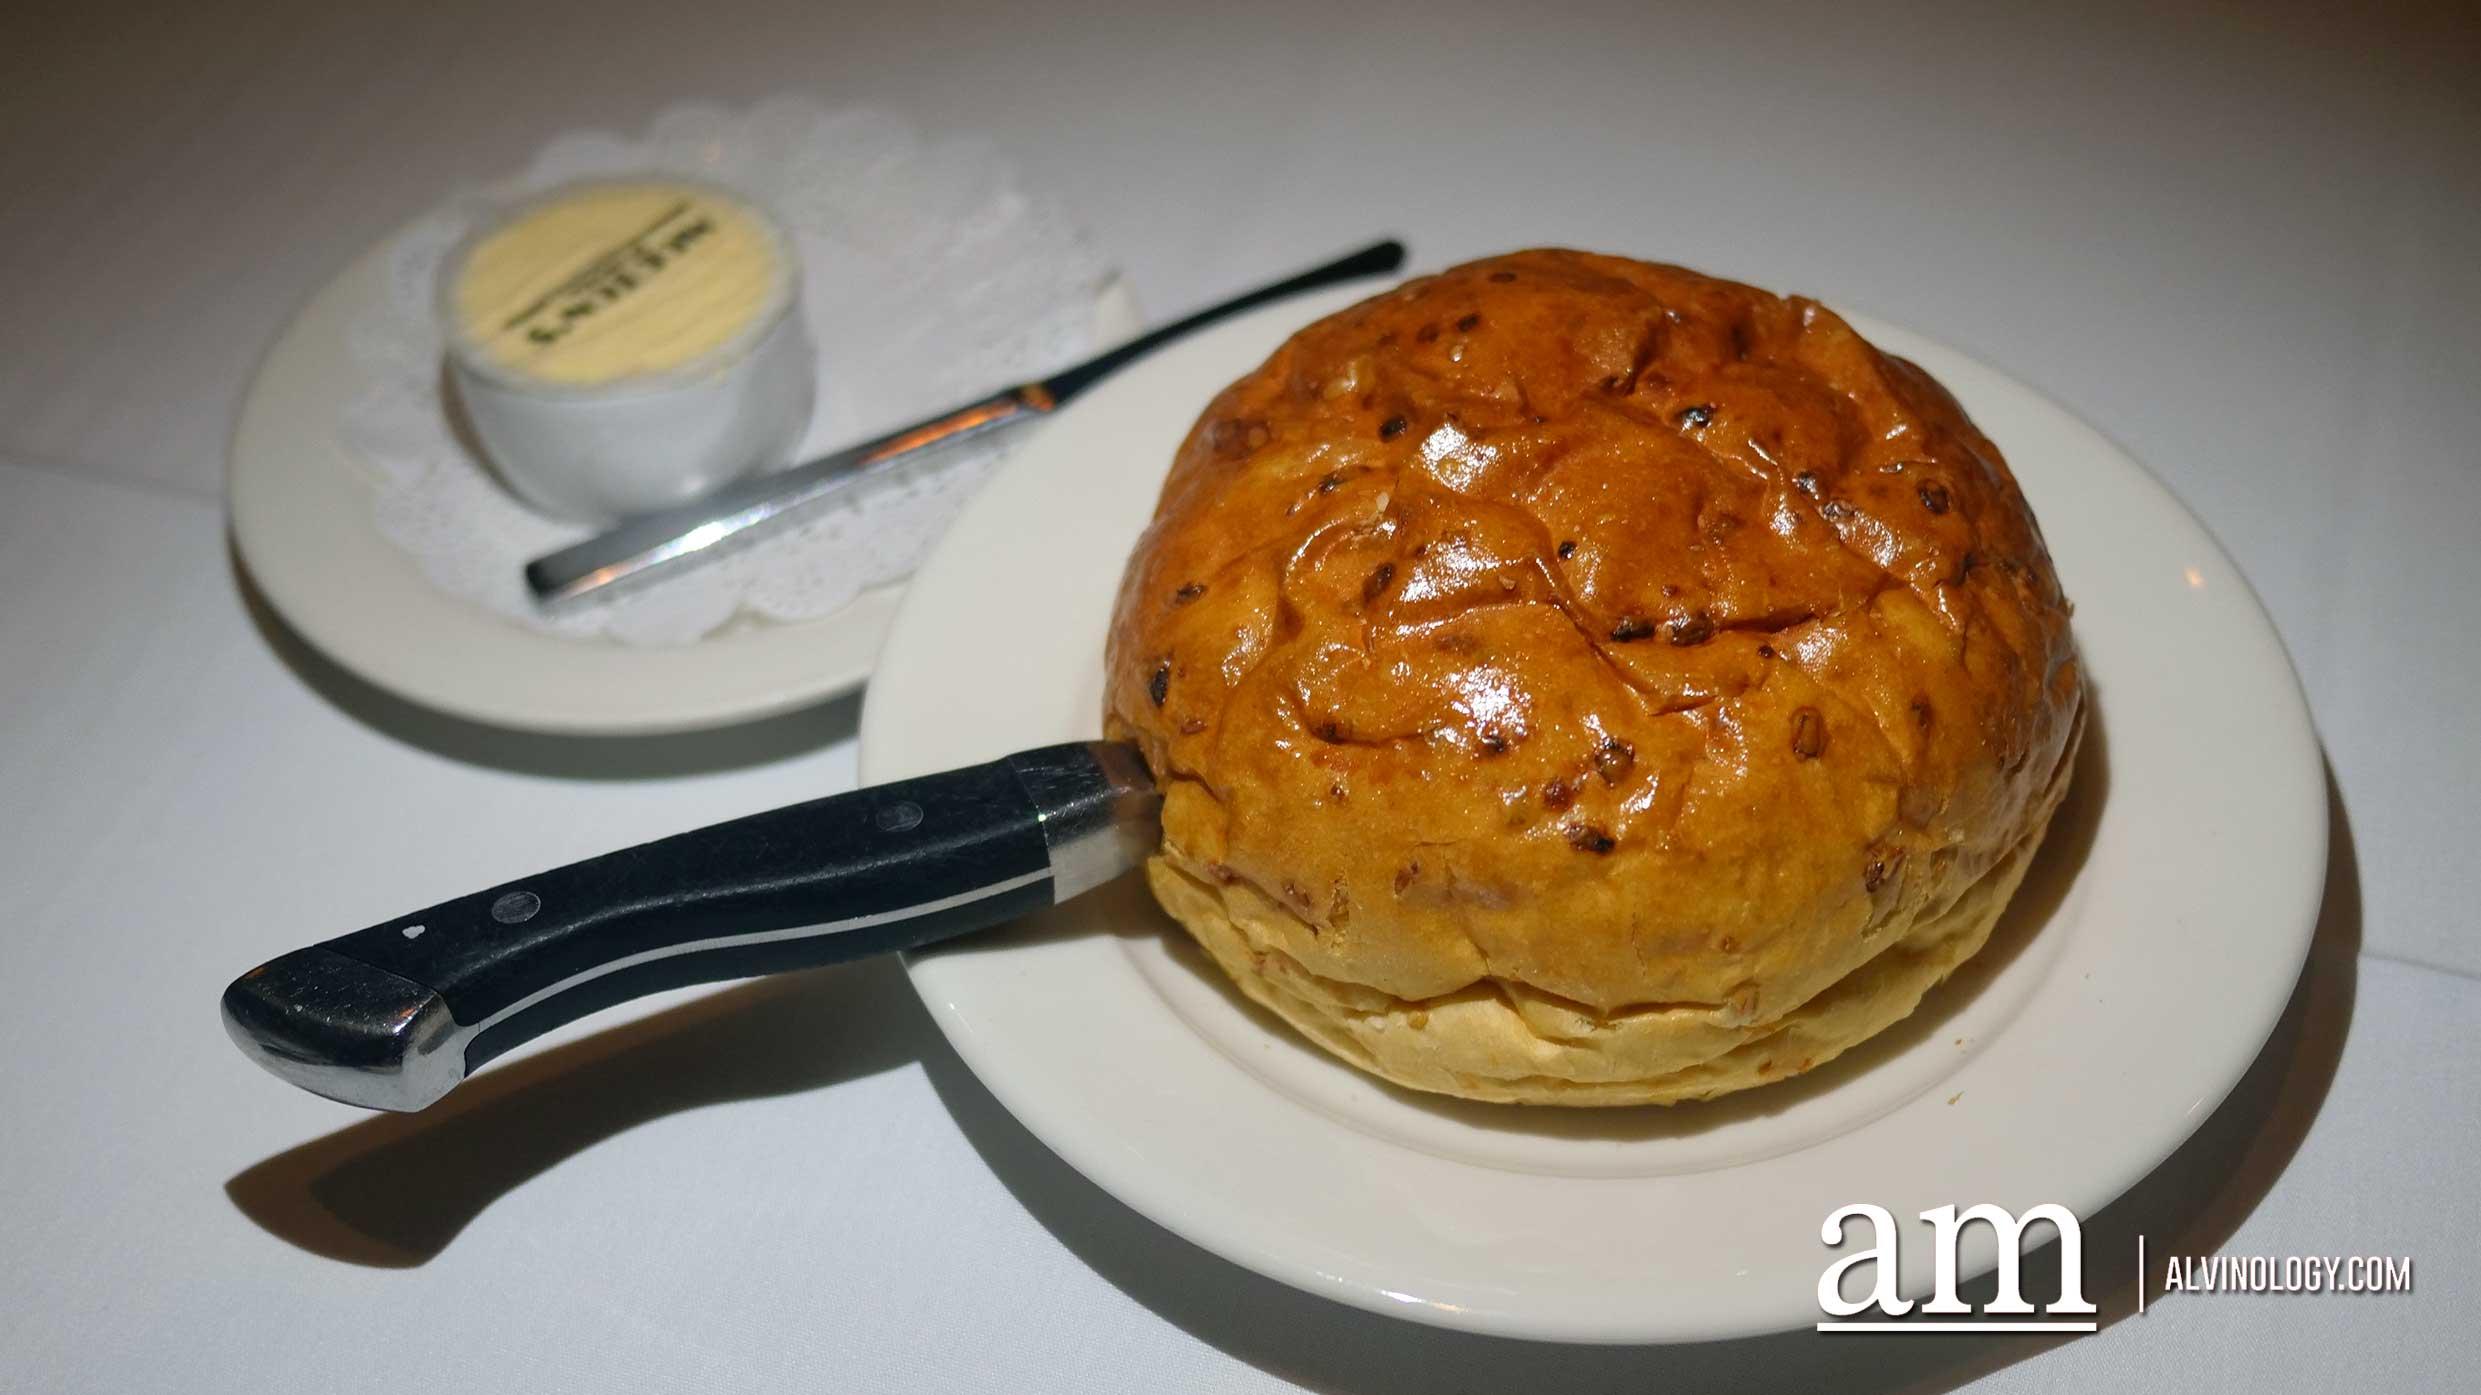 5. Morton's Egg and Onion Bread